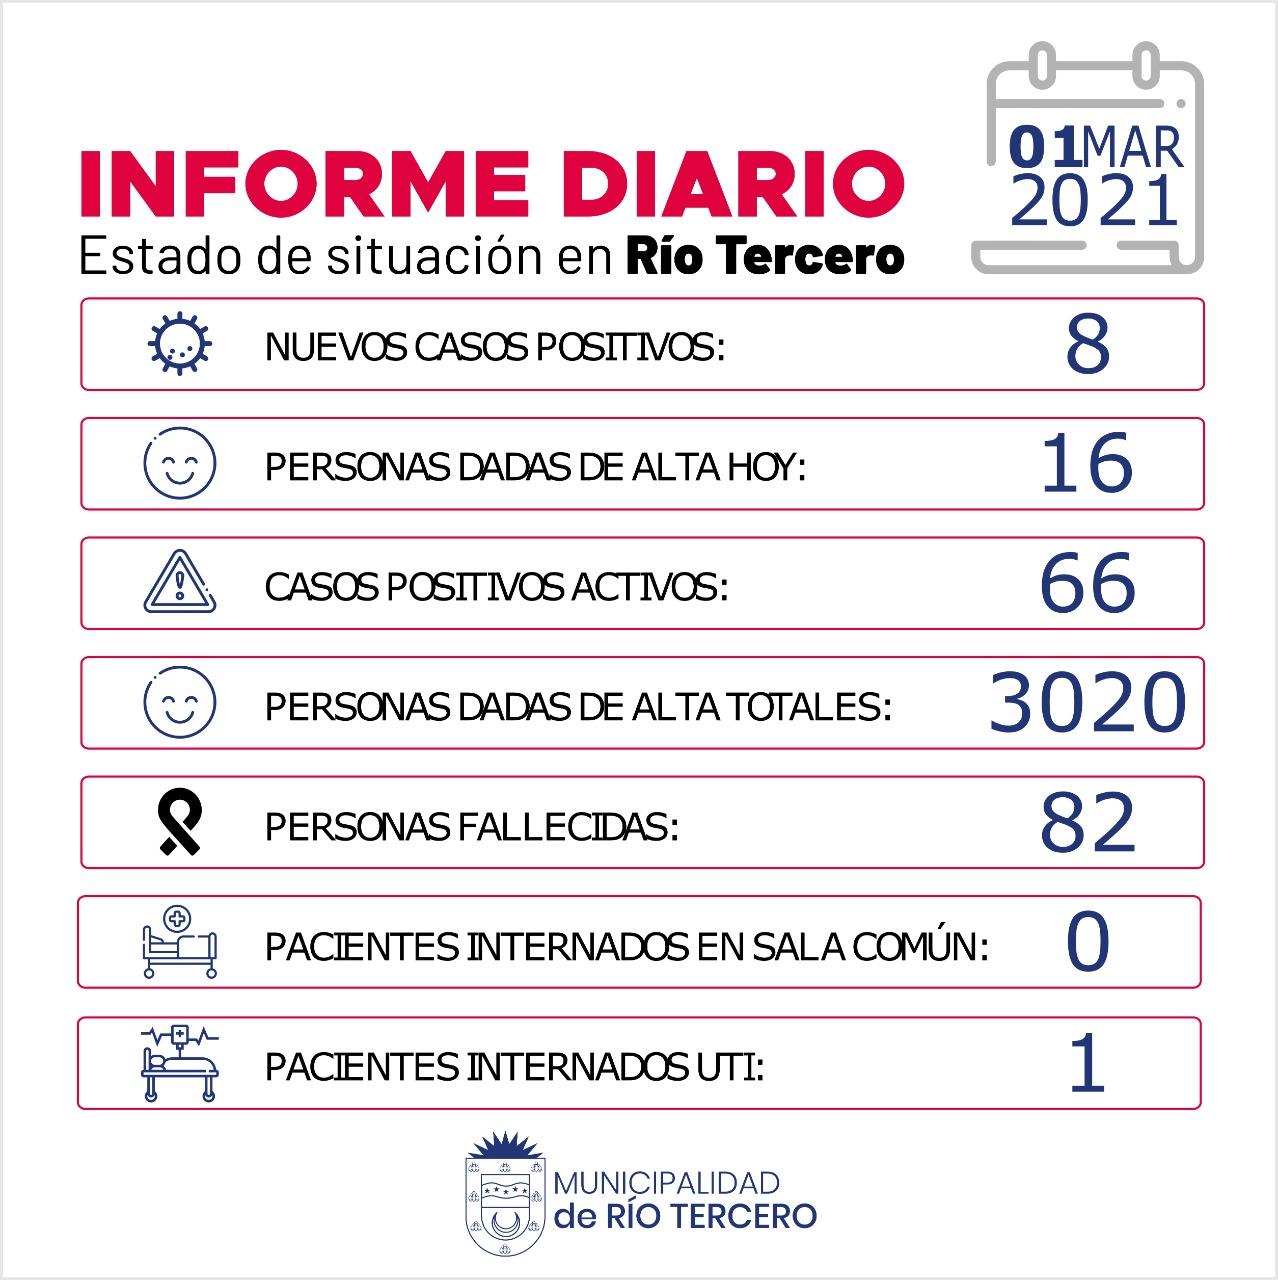 RÍO TERCERO SE REGISTRARON 8 NUEVOS CASOS POSITIVOS Y DIERON DE ALTA A 16 PERSONAS